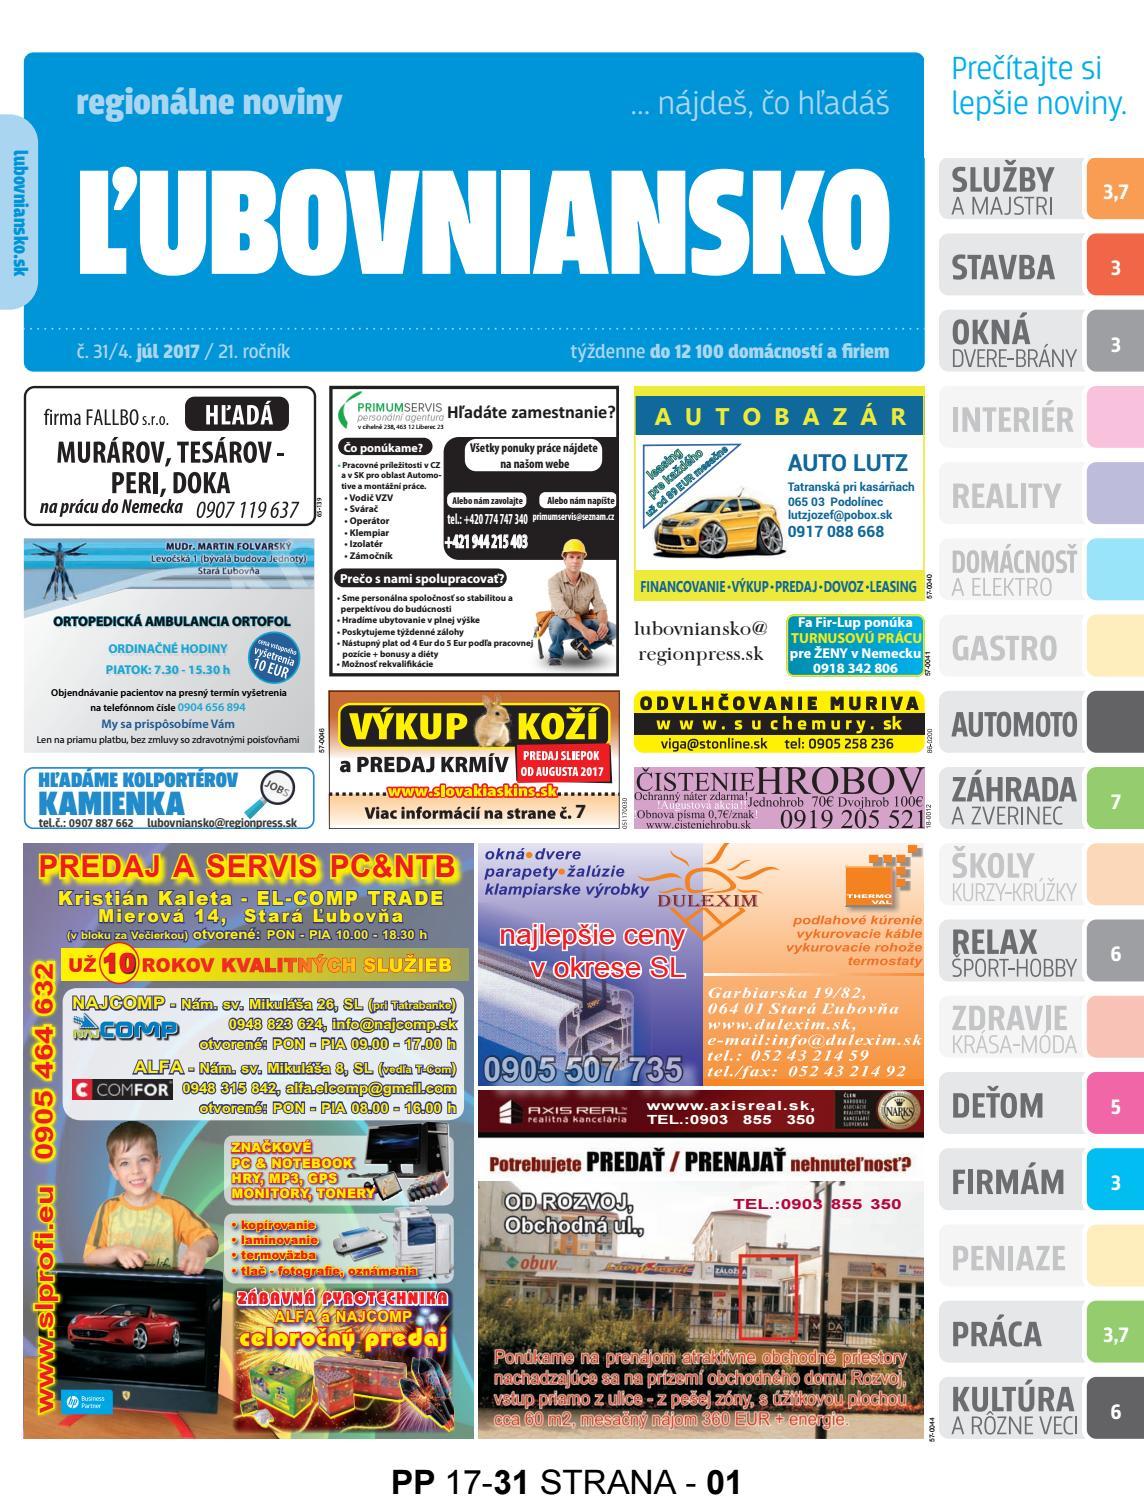 Politické strany. 3. júla 1949 sa datuje každodenné slovenské.